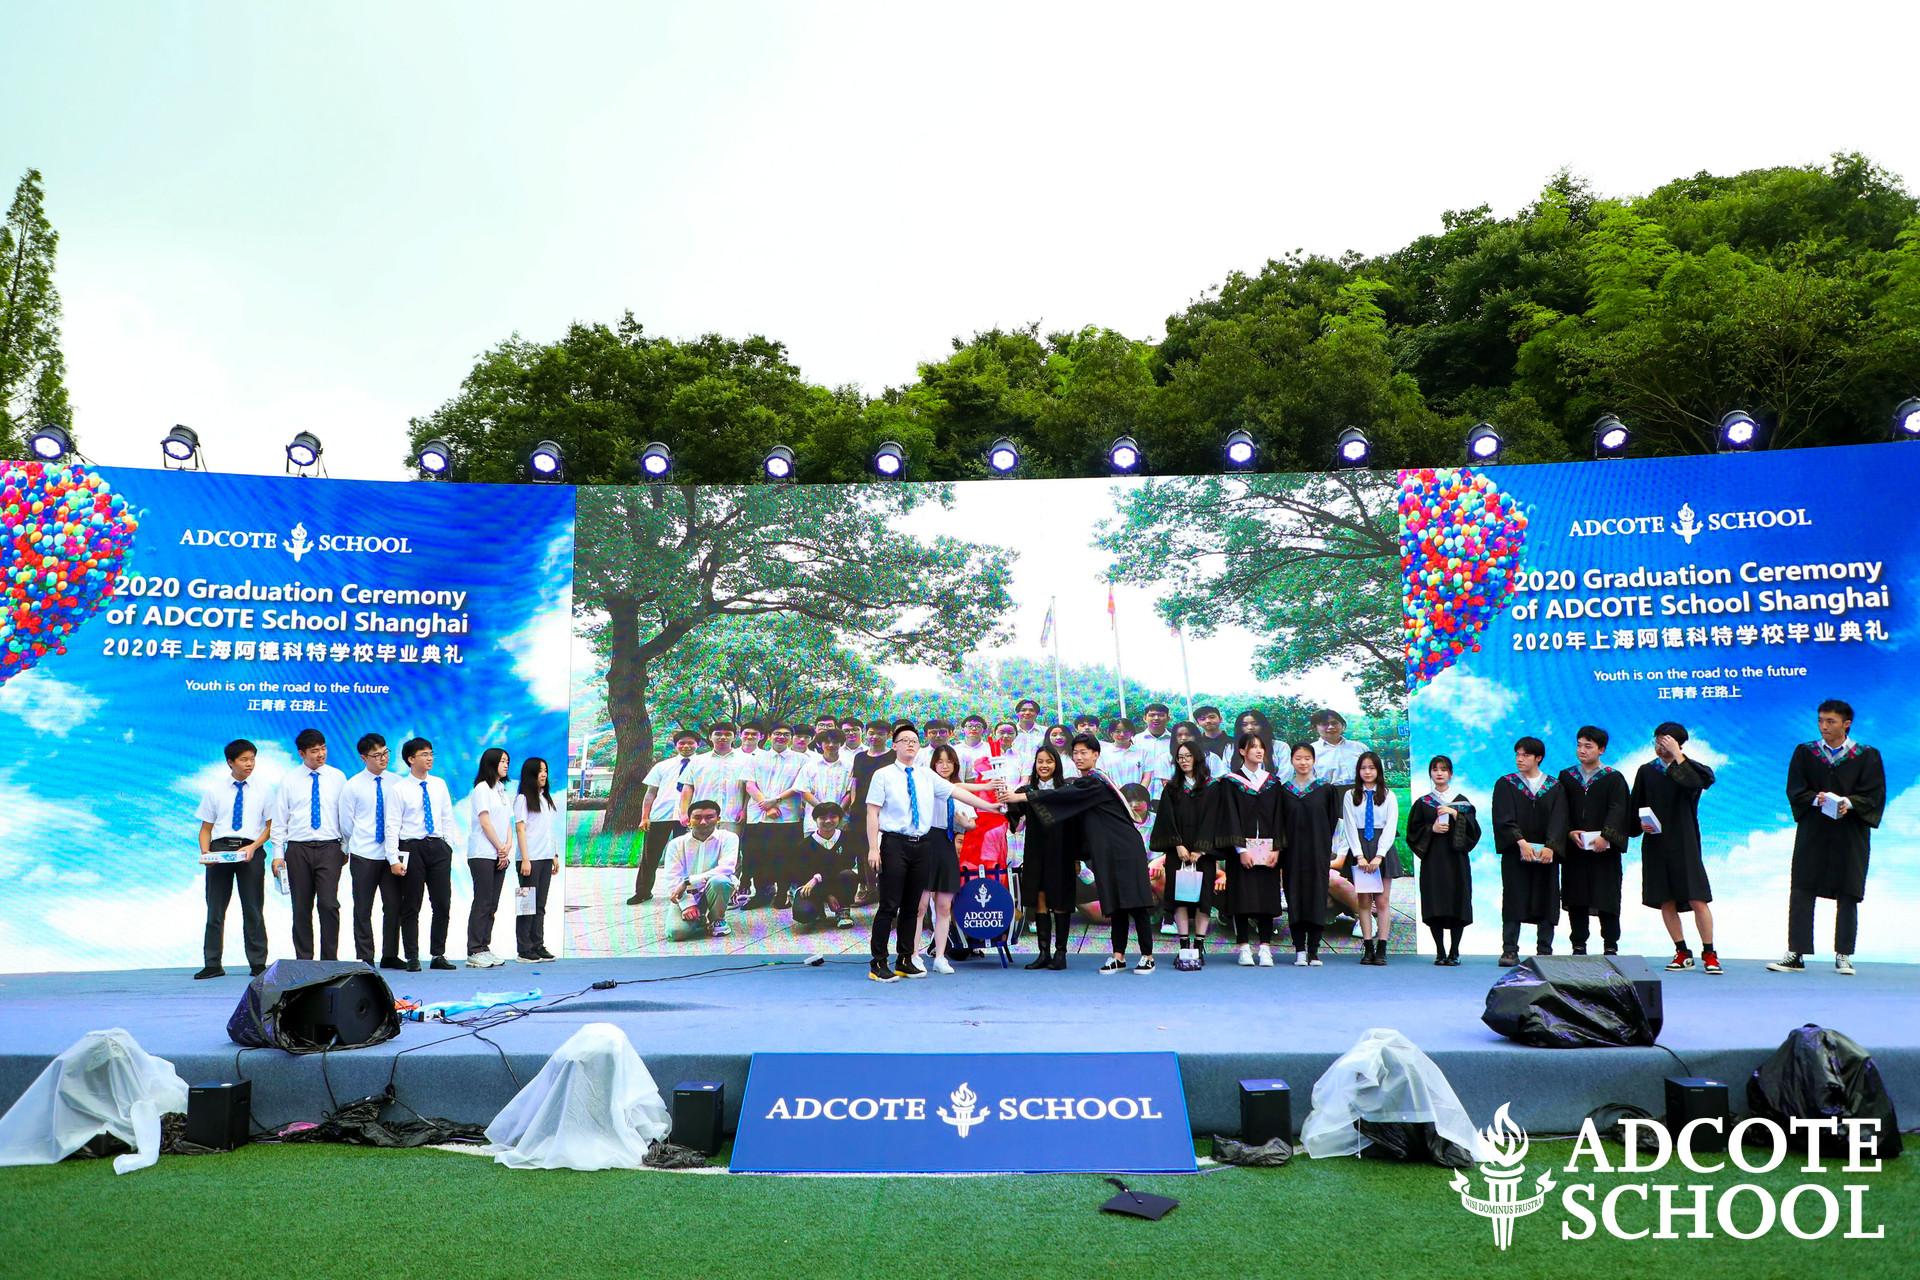 上海阿德科特学校2020届毕业生升学成绩